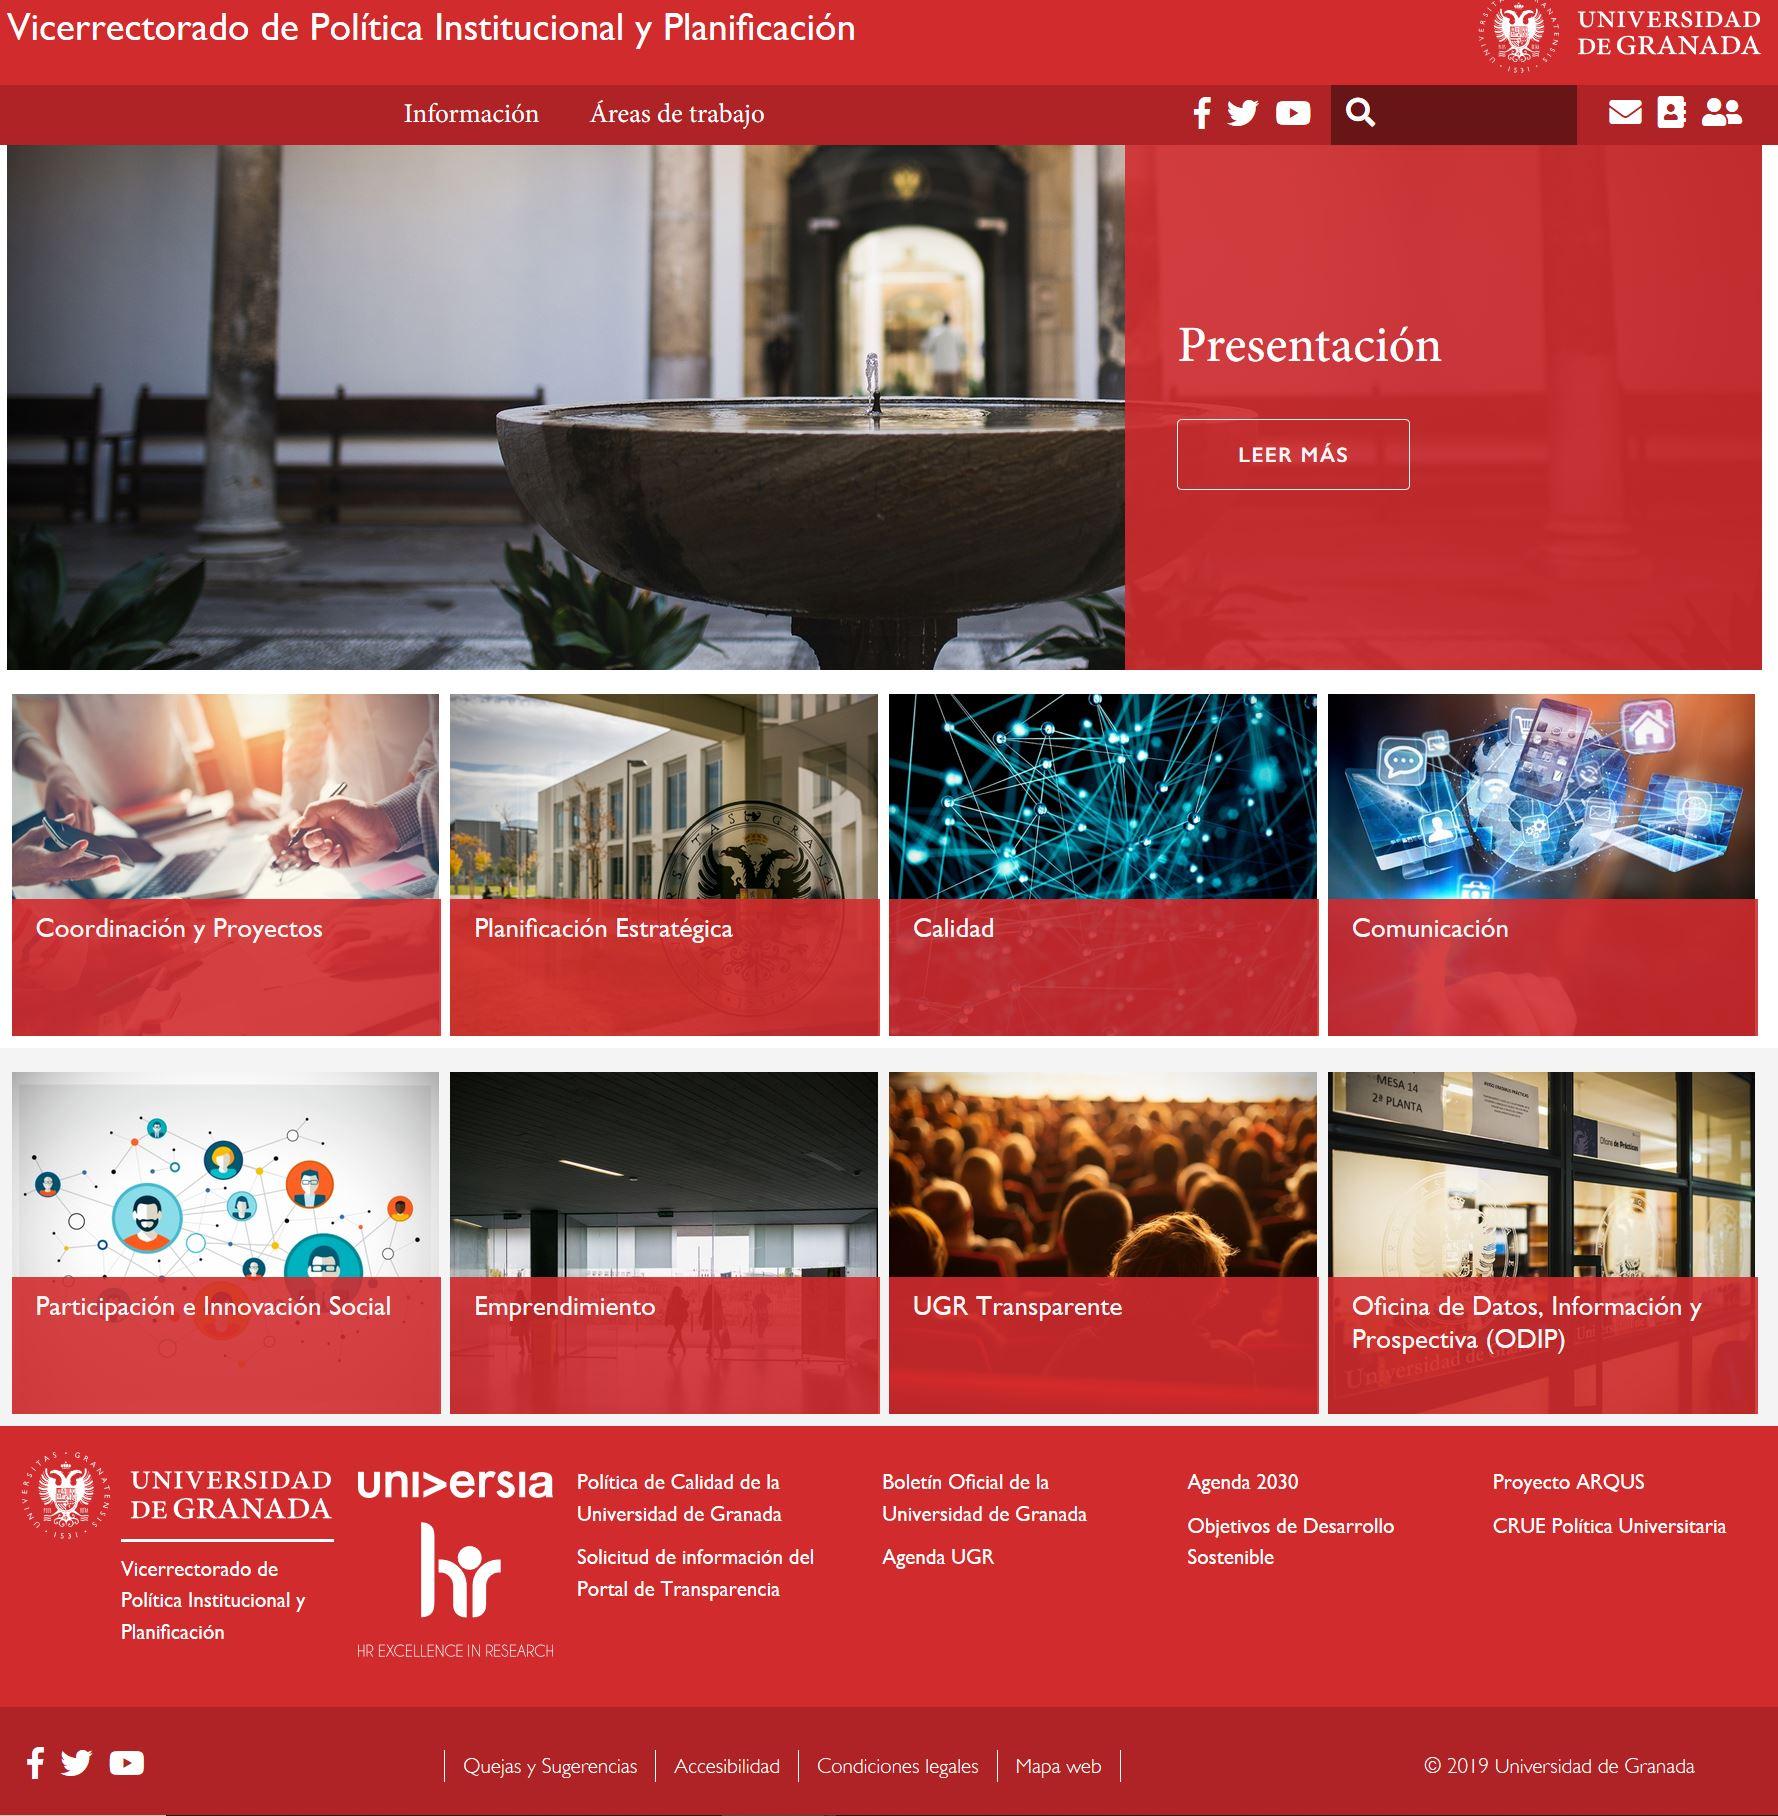 Captura de la página de inicio de la web del Vicerrectorado de Política Institucional y Planificación